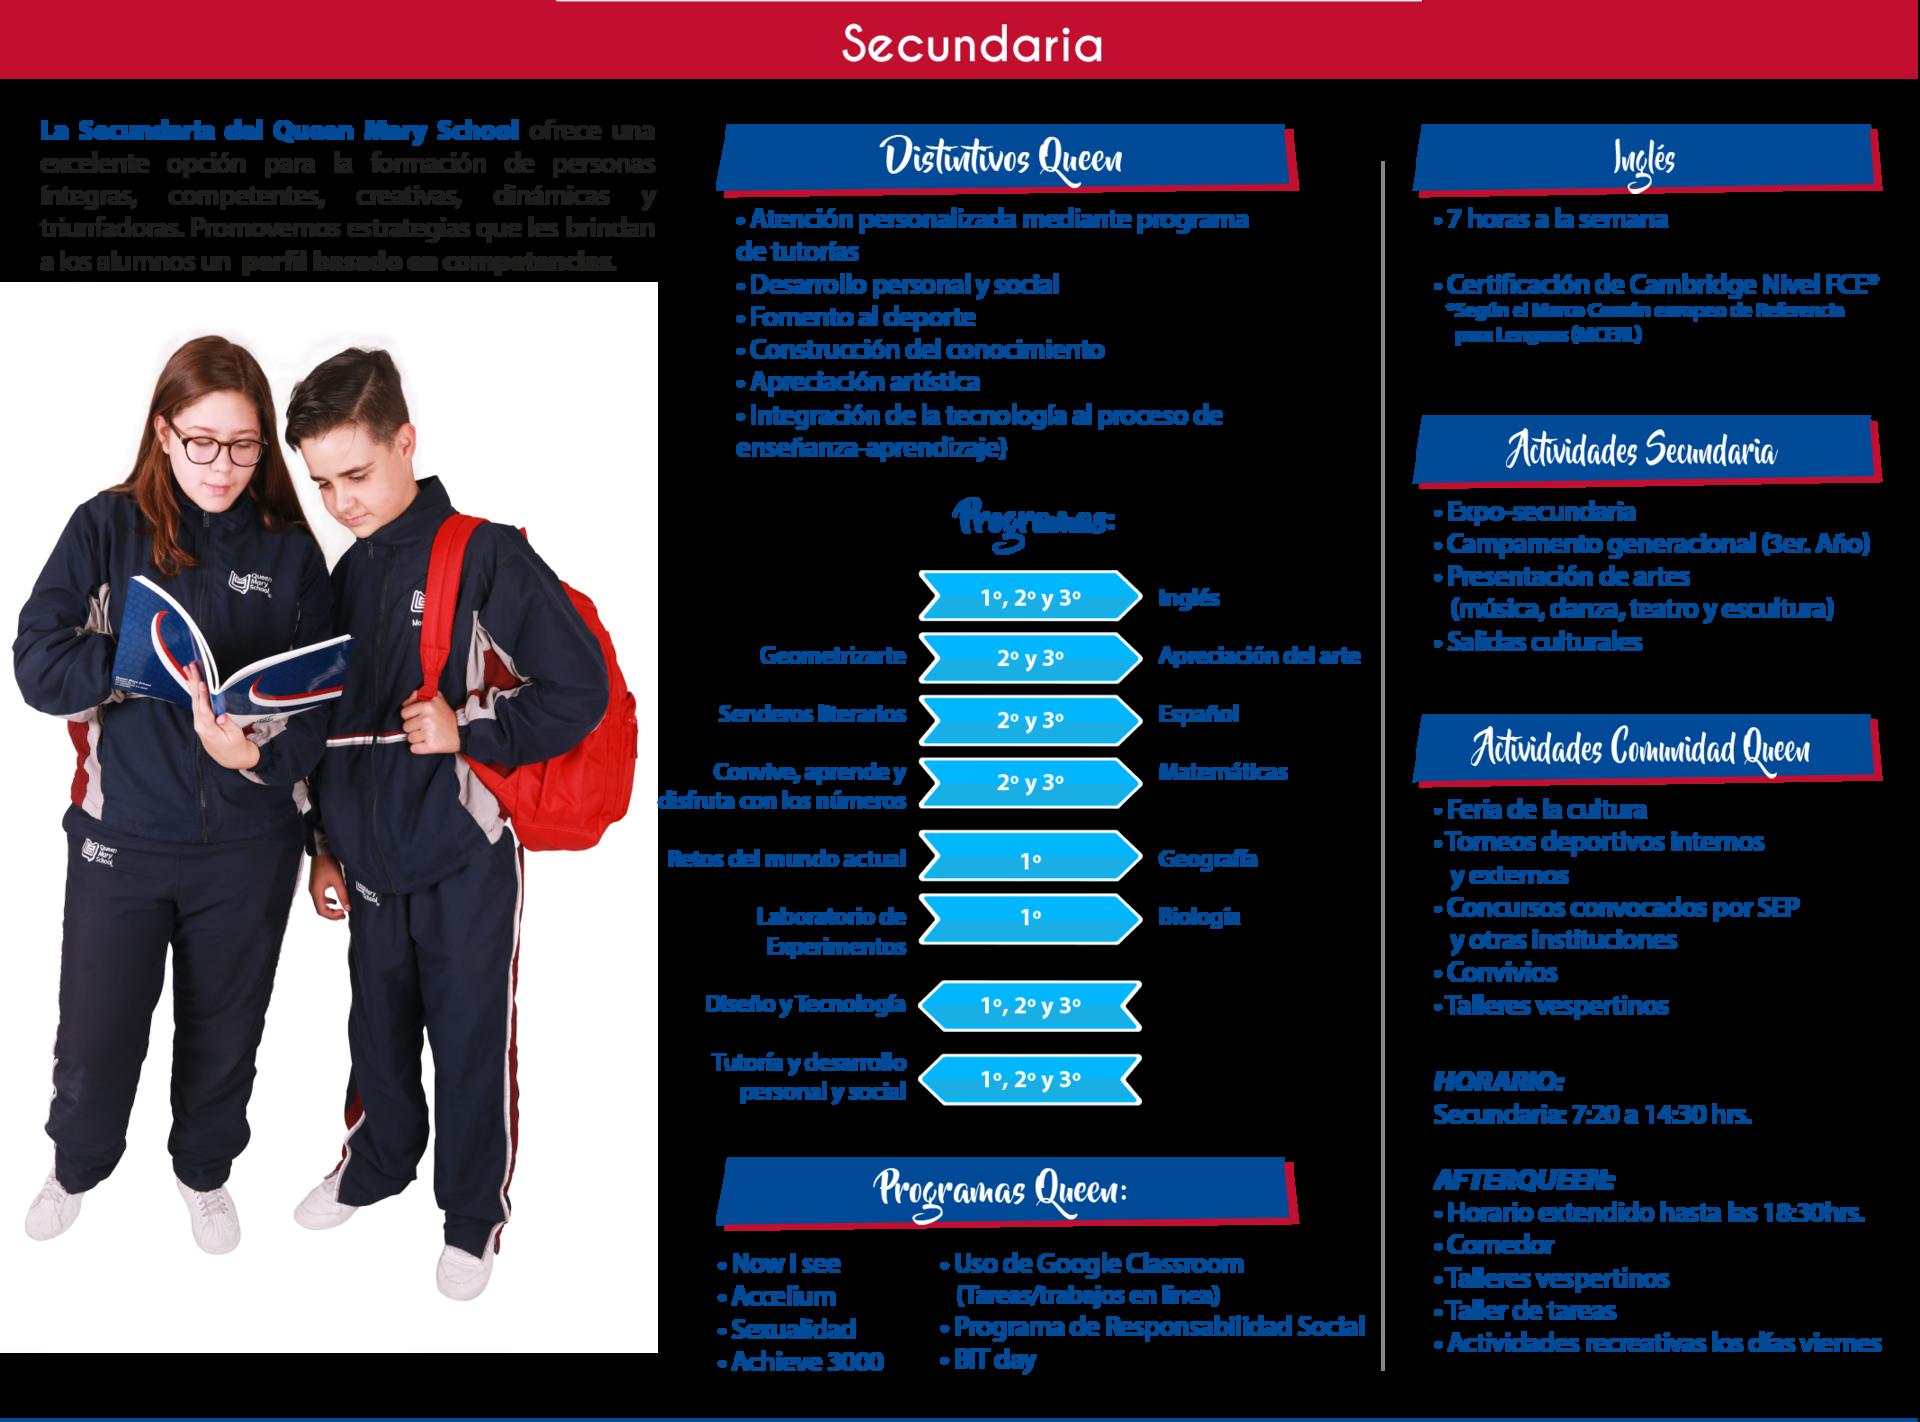 Secc SEC2